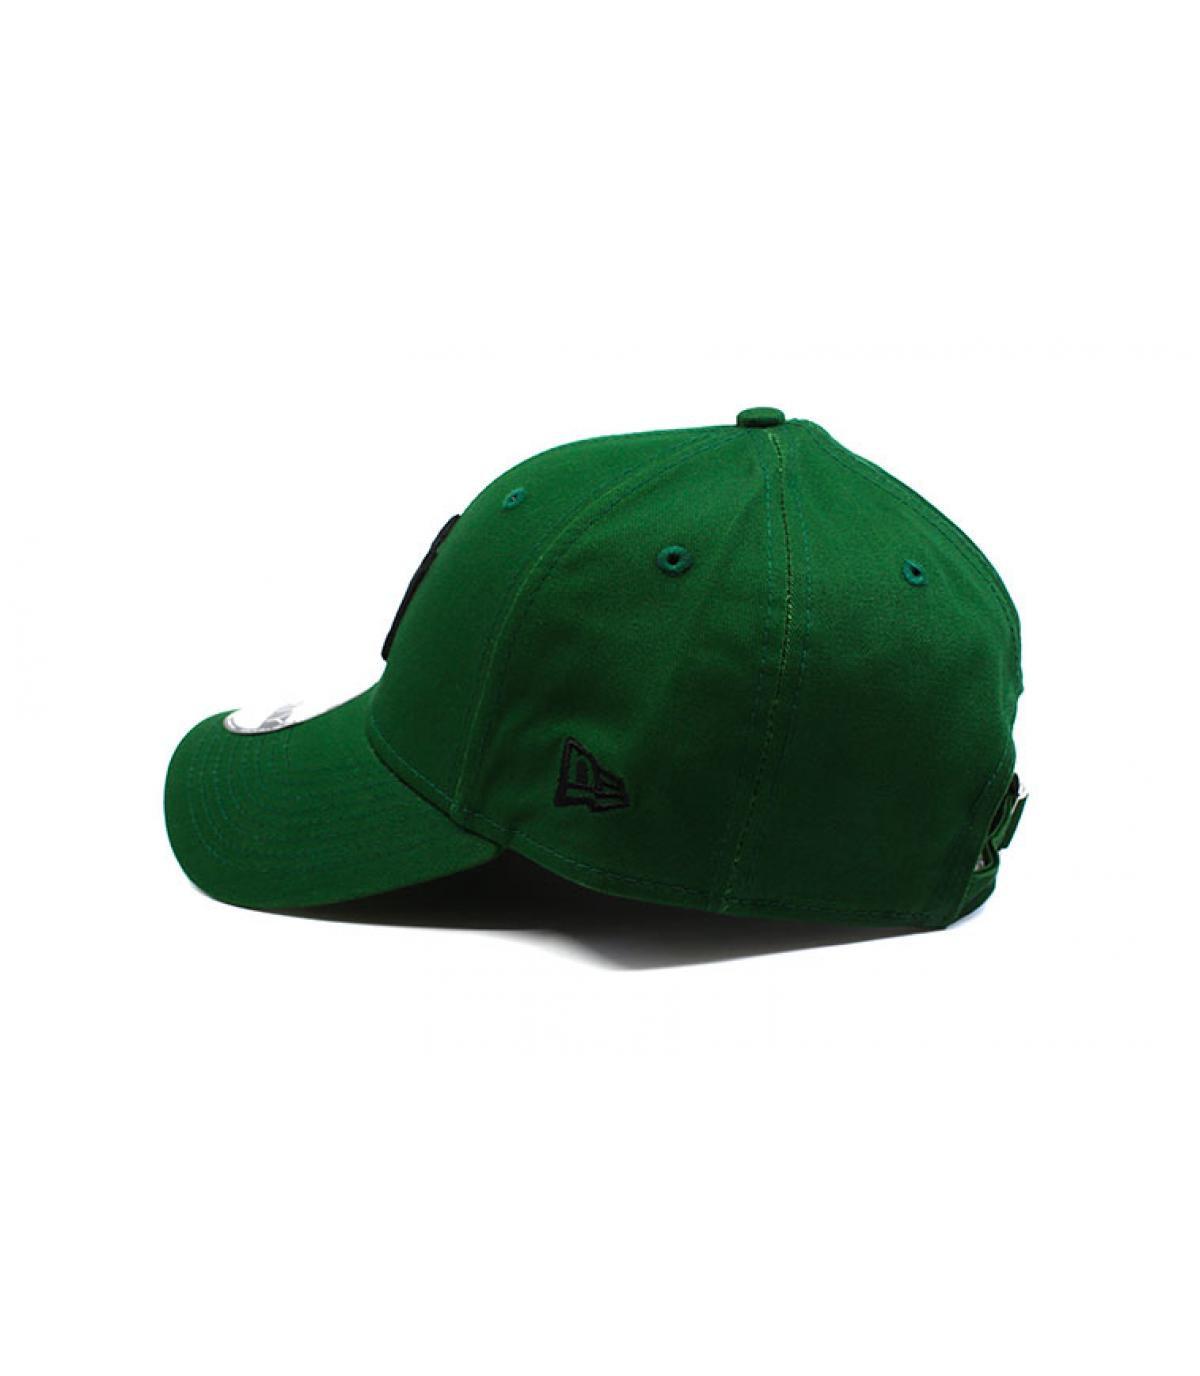 Détails Casquette Enfant League Ess NY green black - image 4